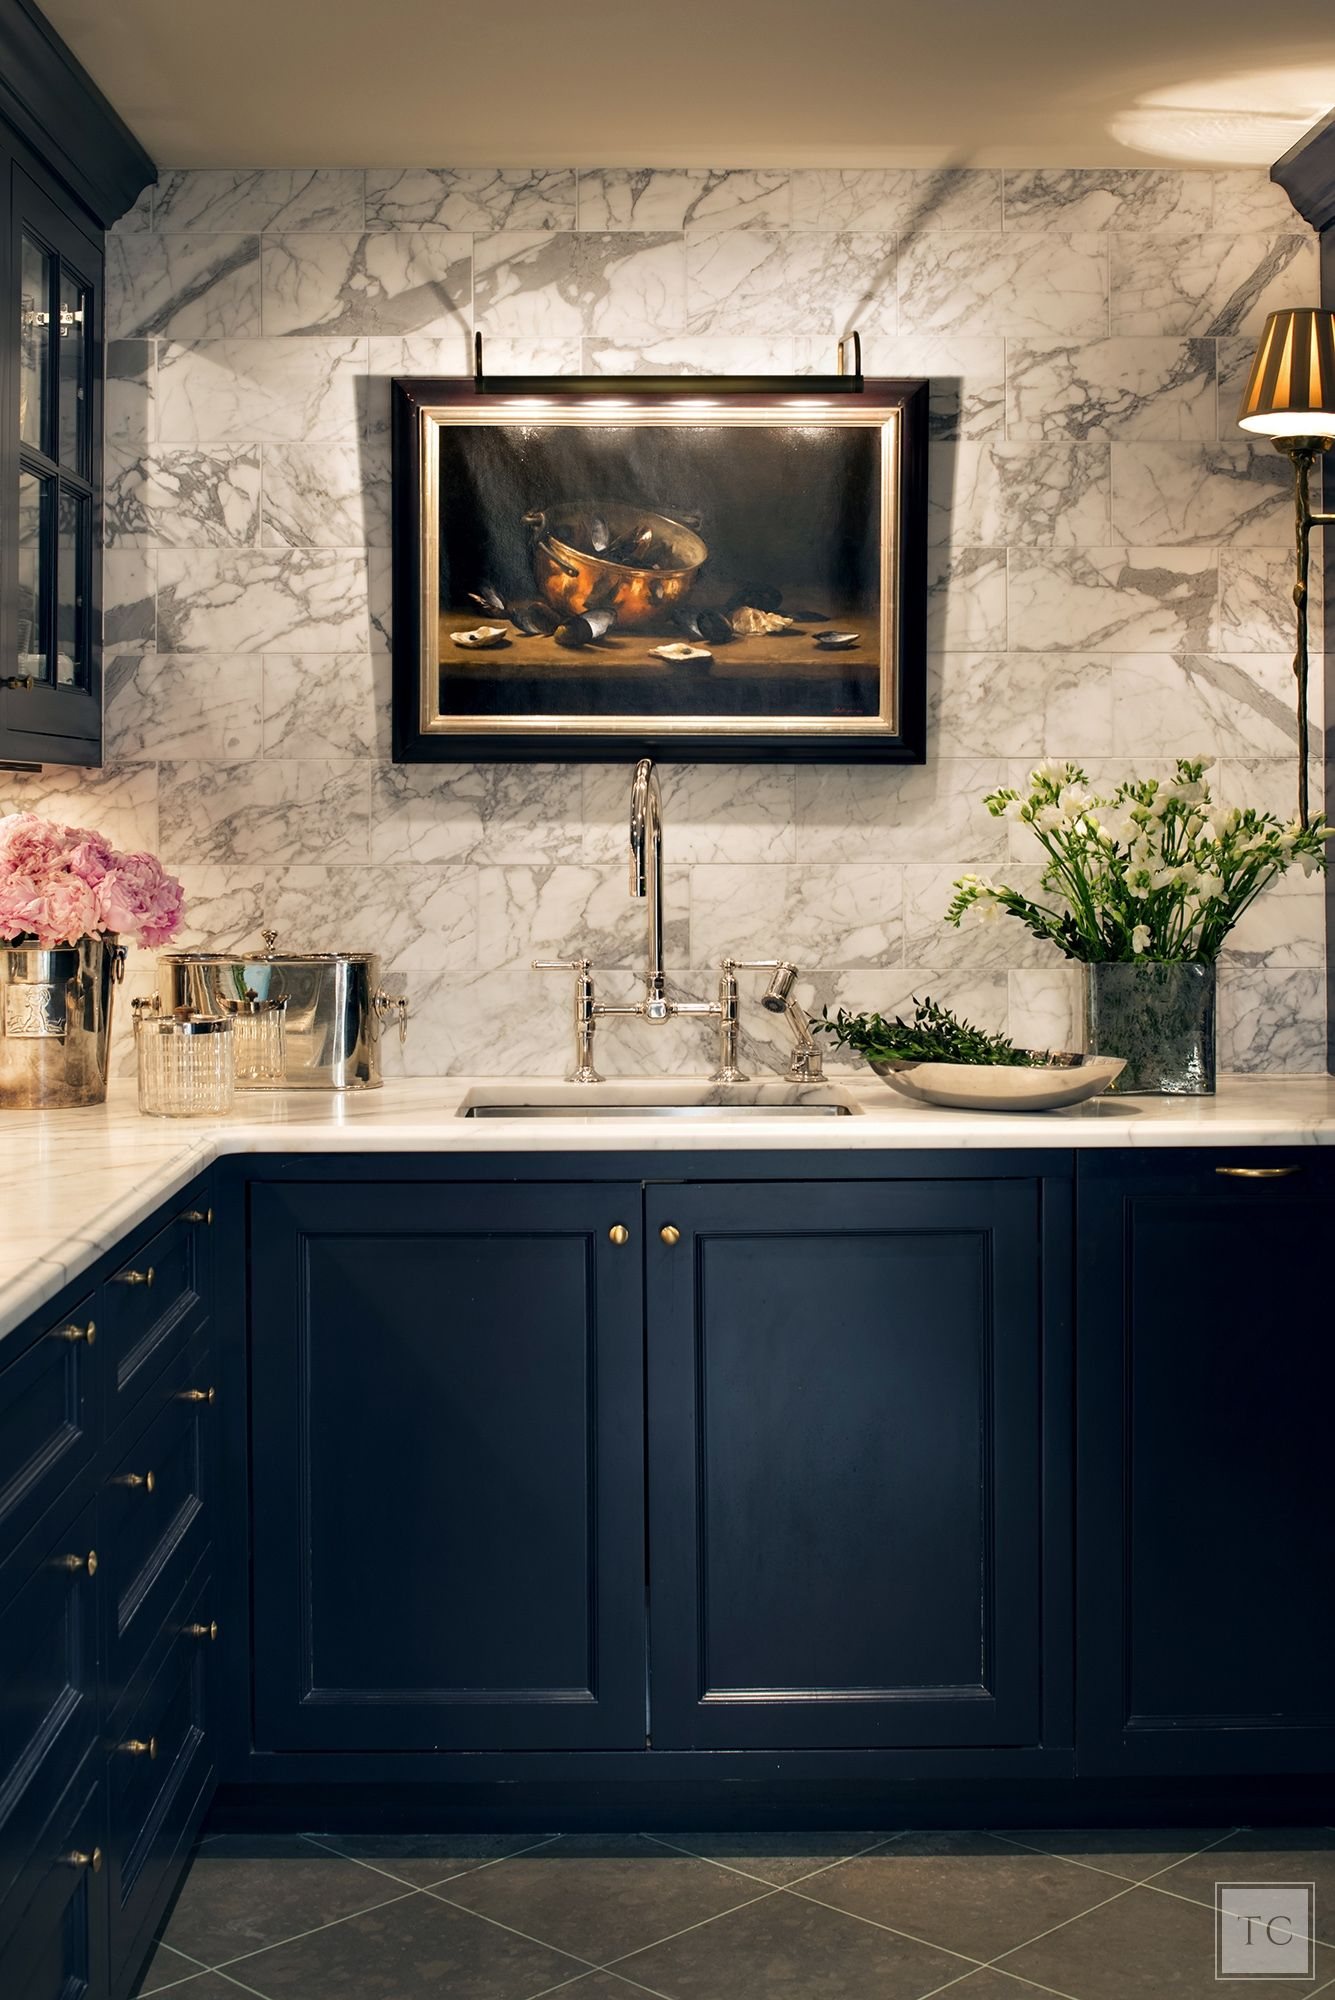 Tammy connor interior design kitchens pinterest interiors